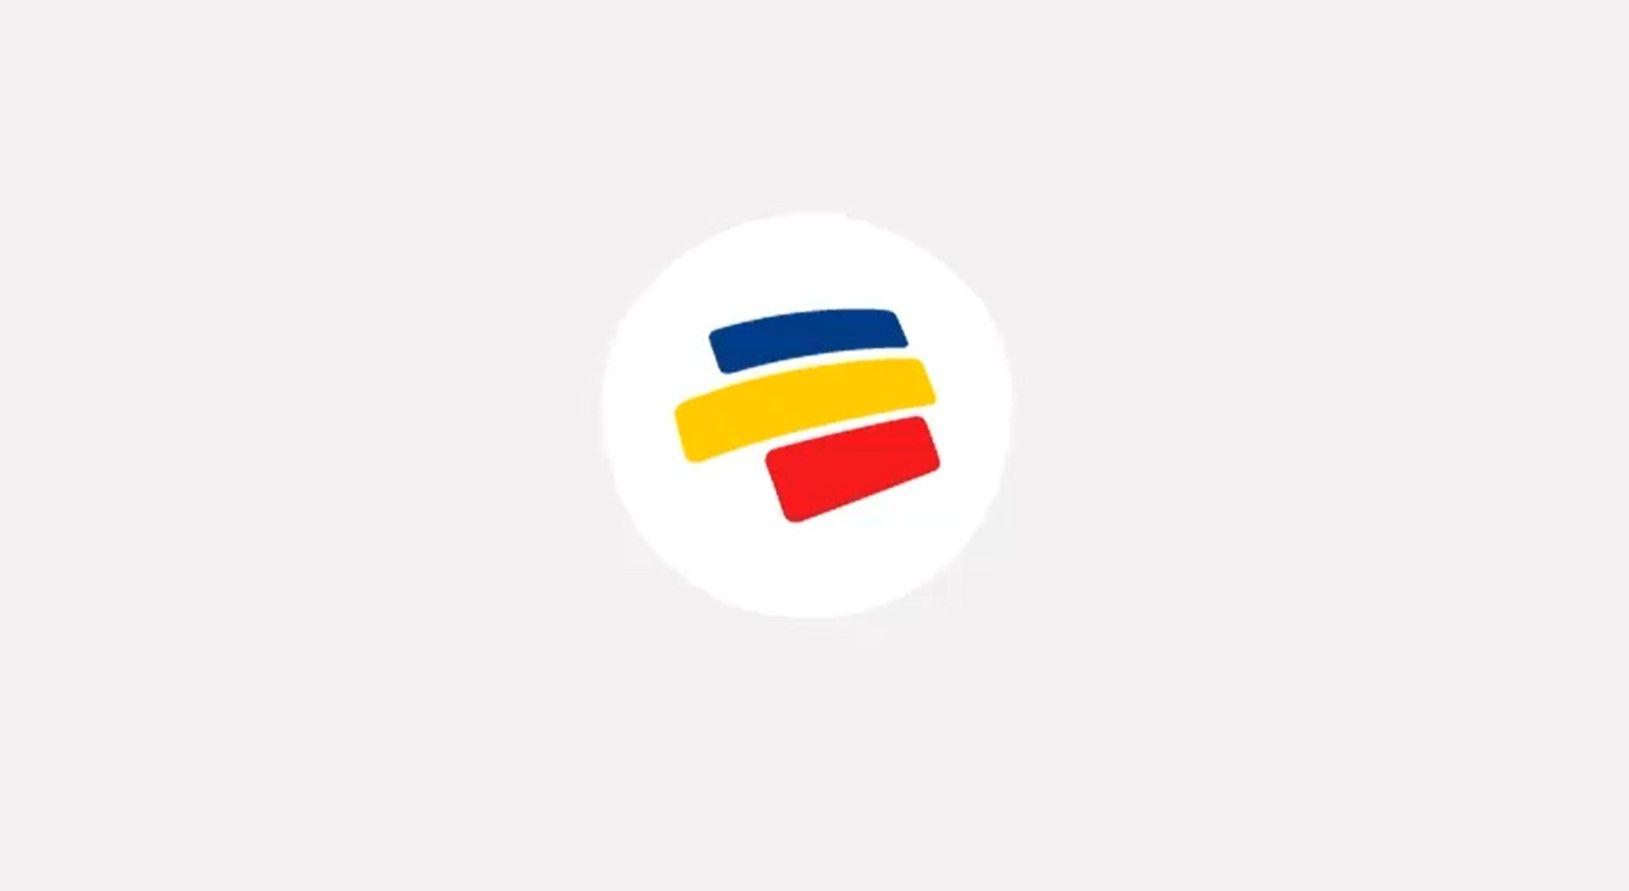 ¿Cómo funcionarán los turnos virtuales para ir a las sedes de Bancolombia?